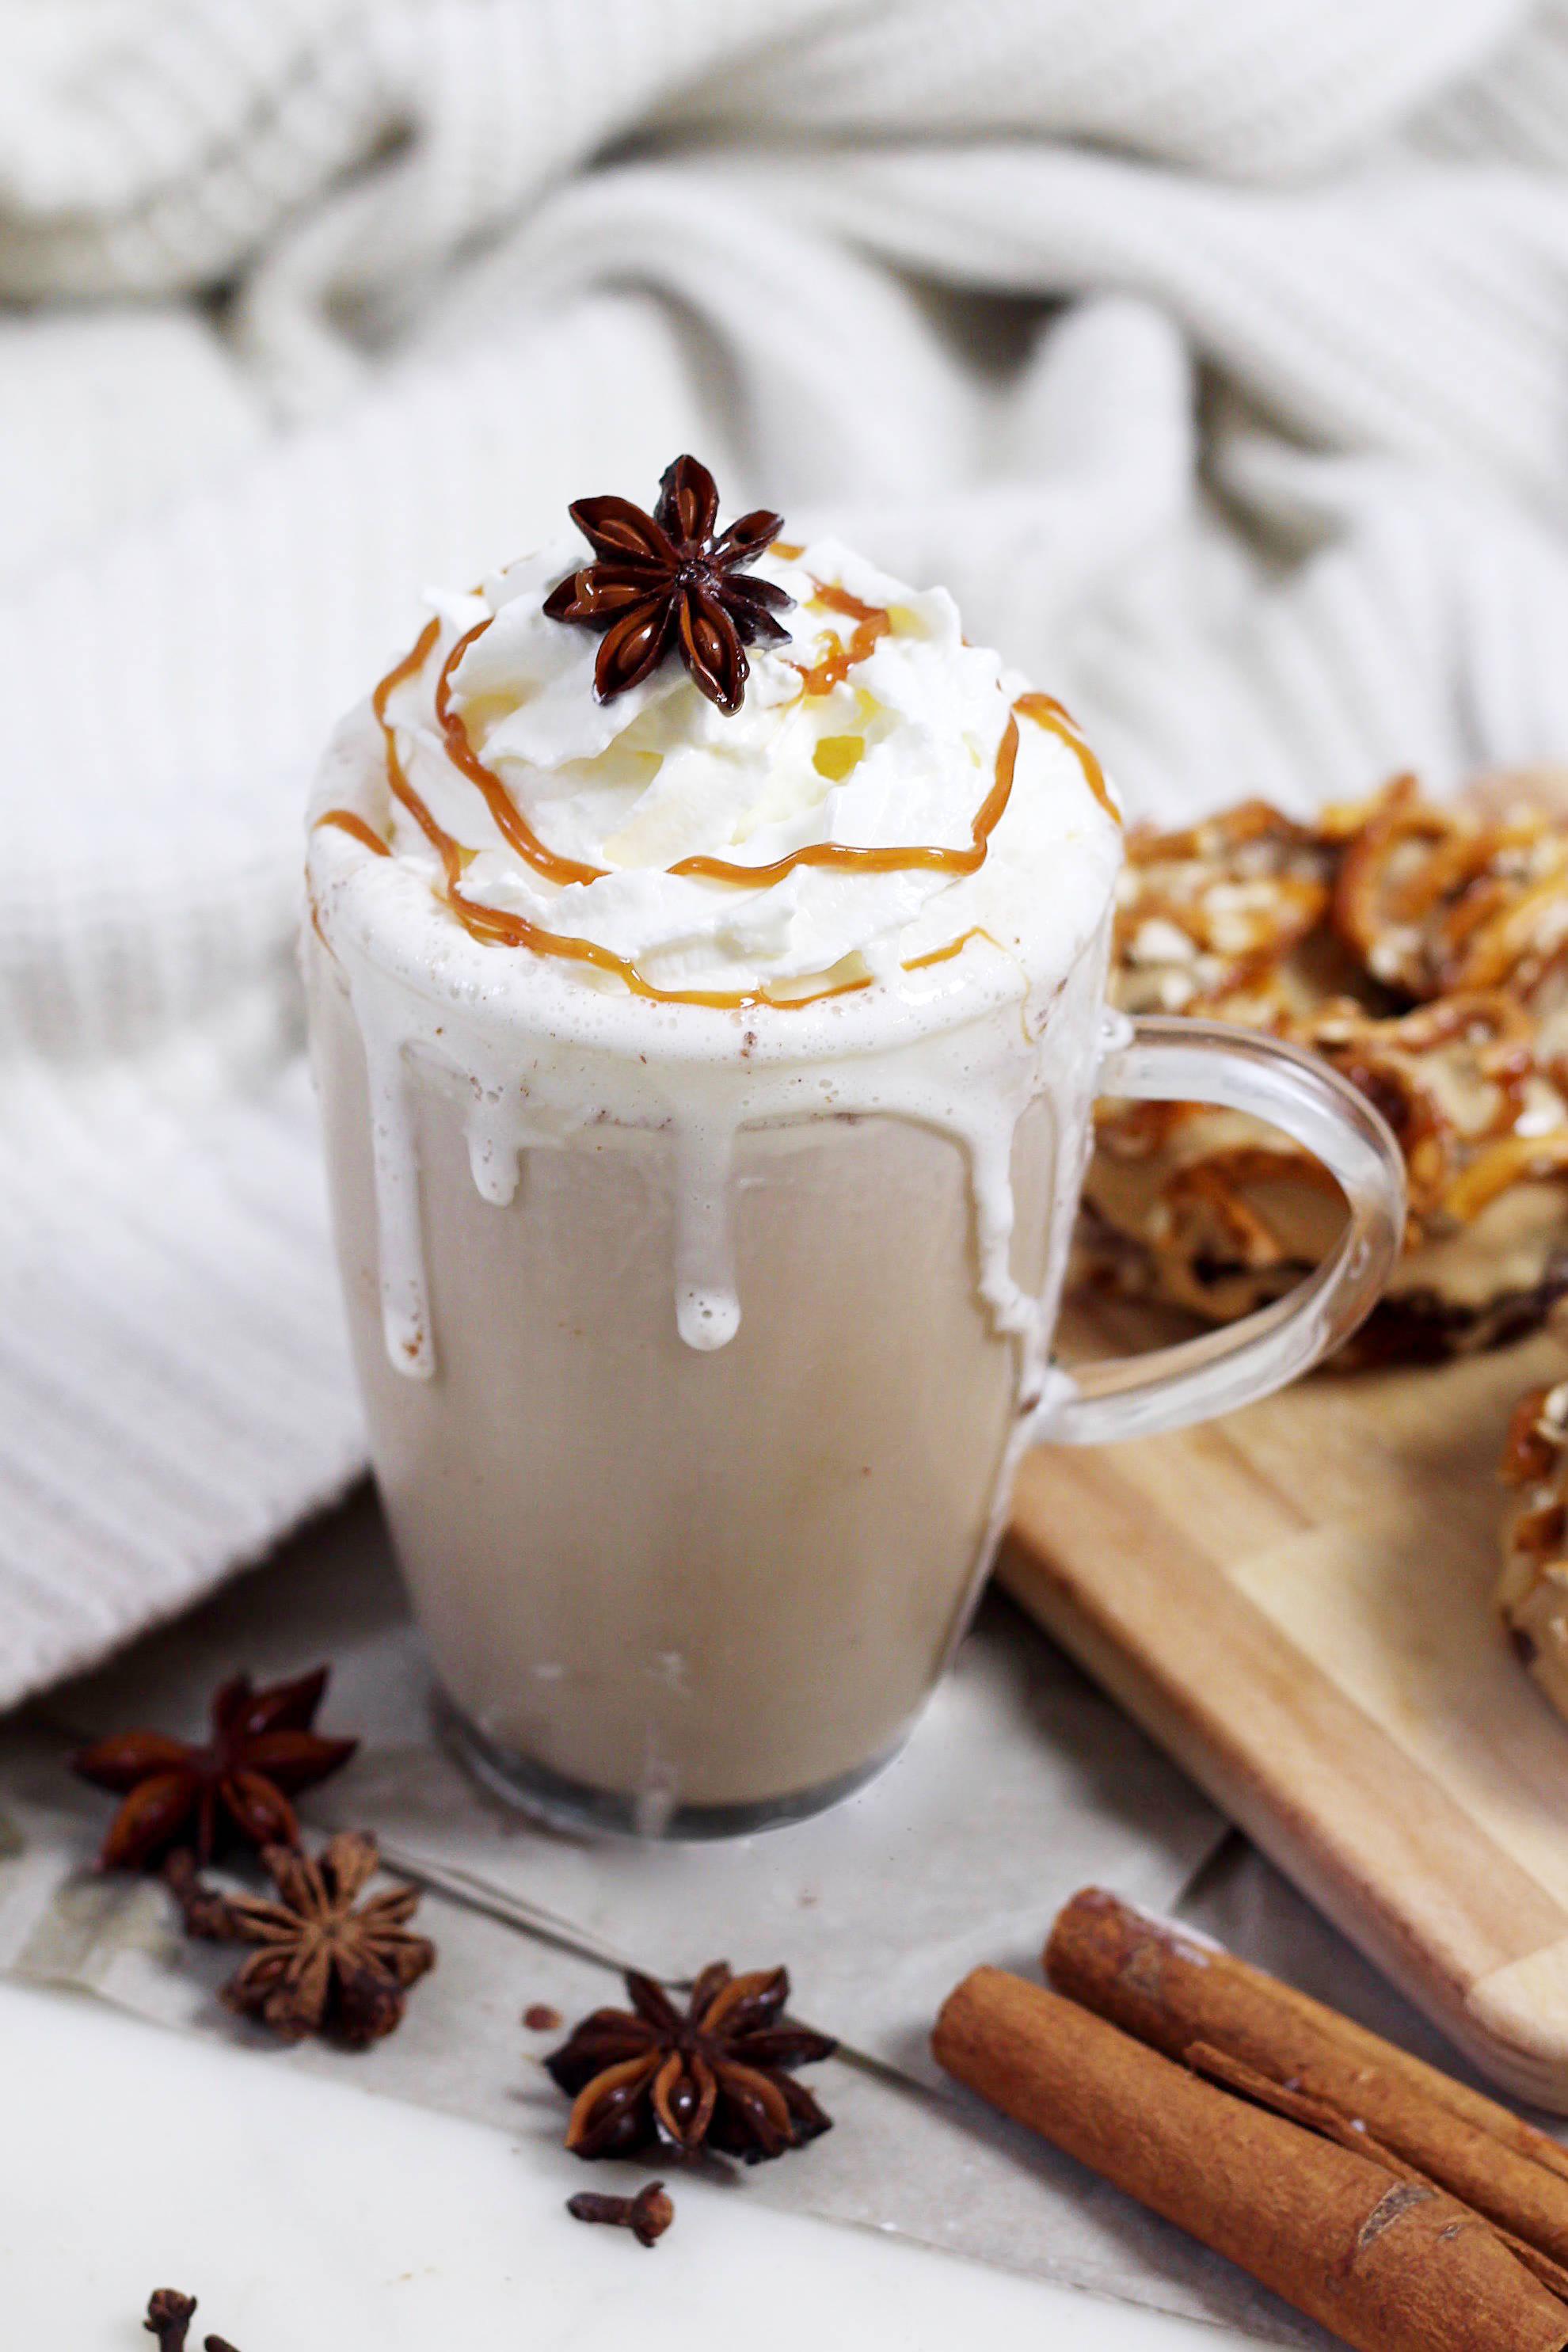 chai-latte-selber-machen-rezept-diy-blog-berlin